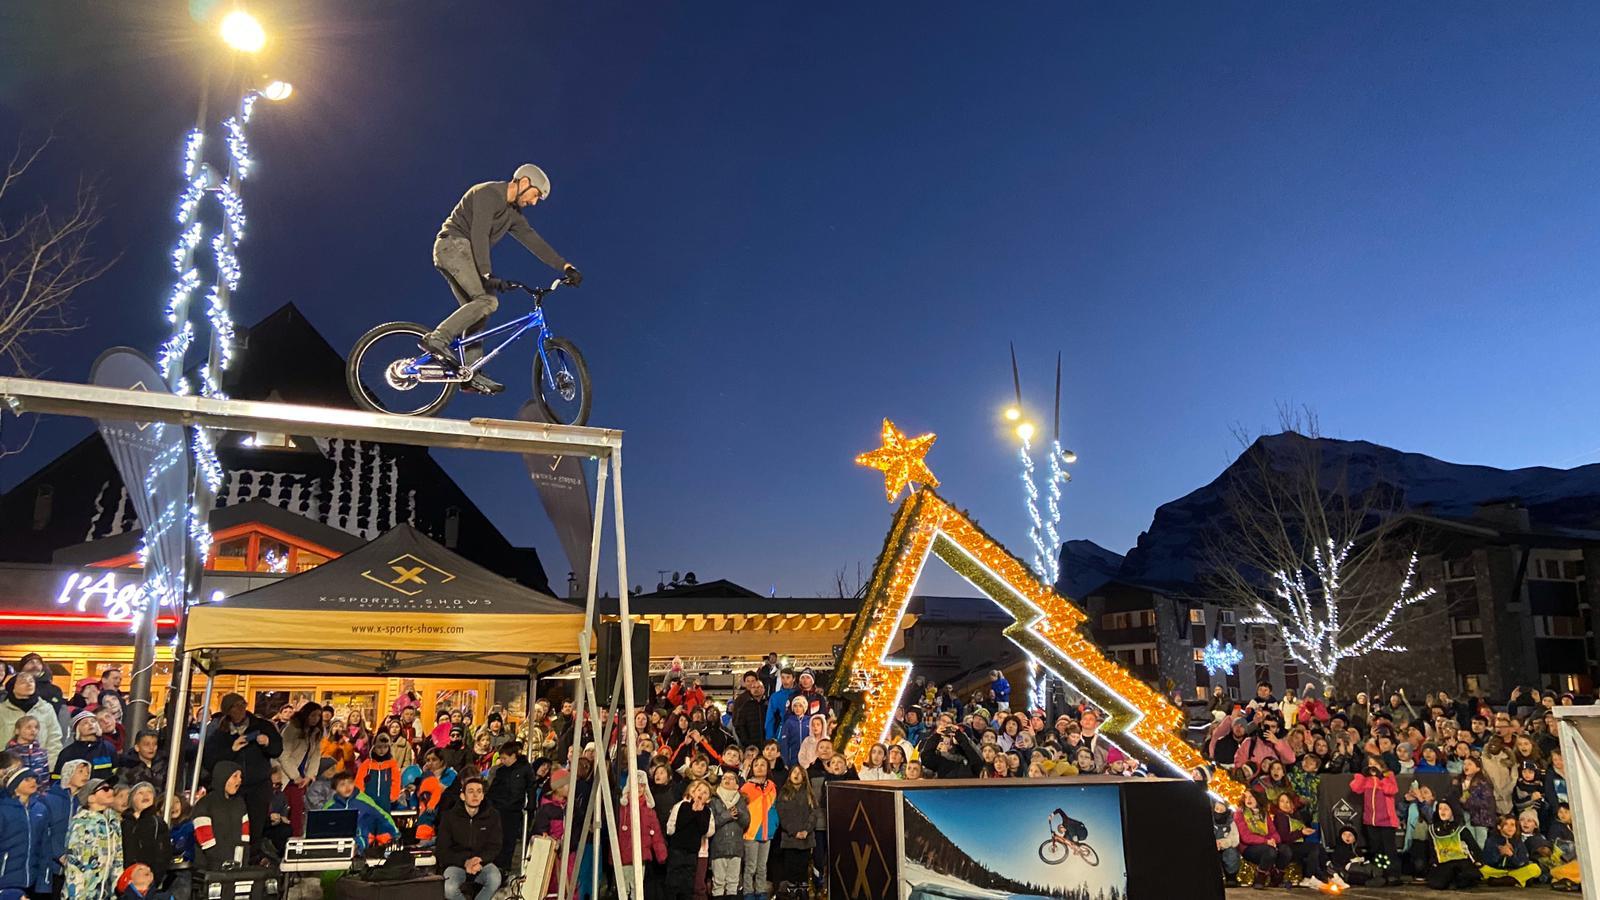 Show VTT et BMX freestyle Les Carroz, Nice 2020